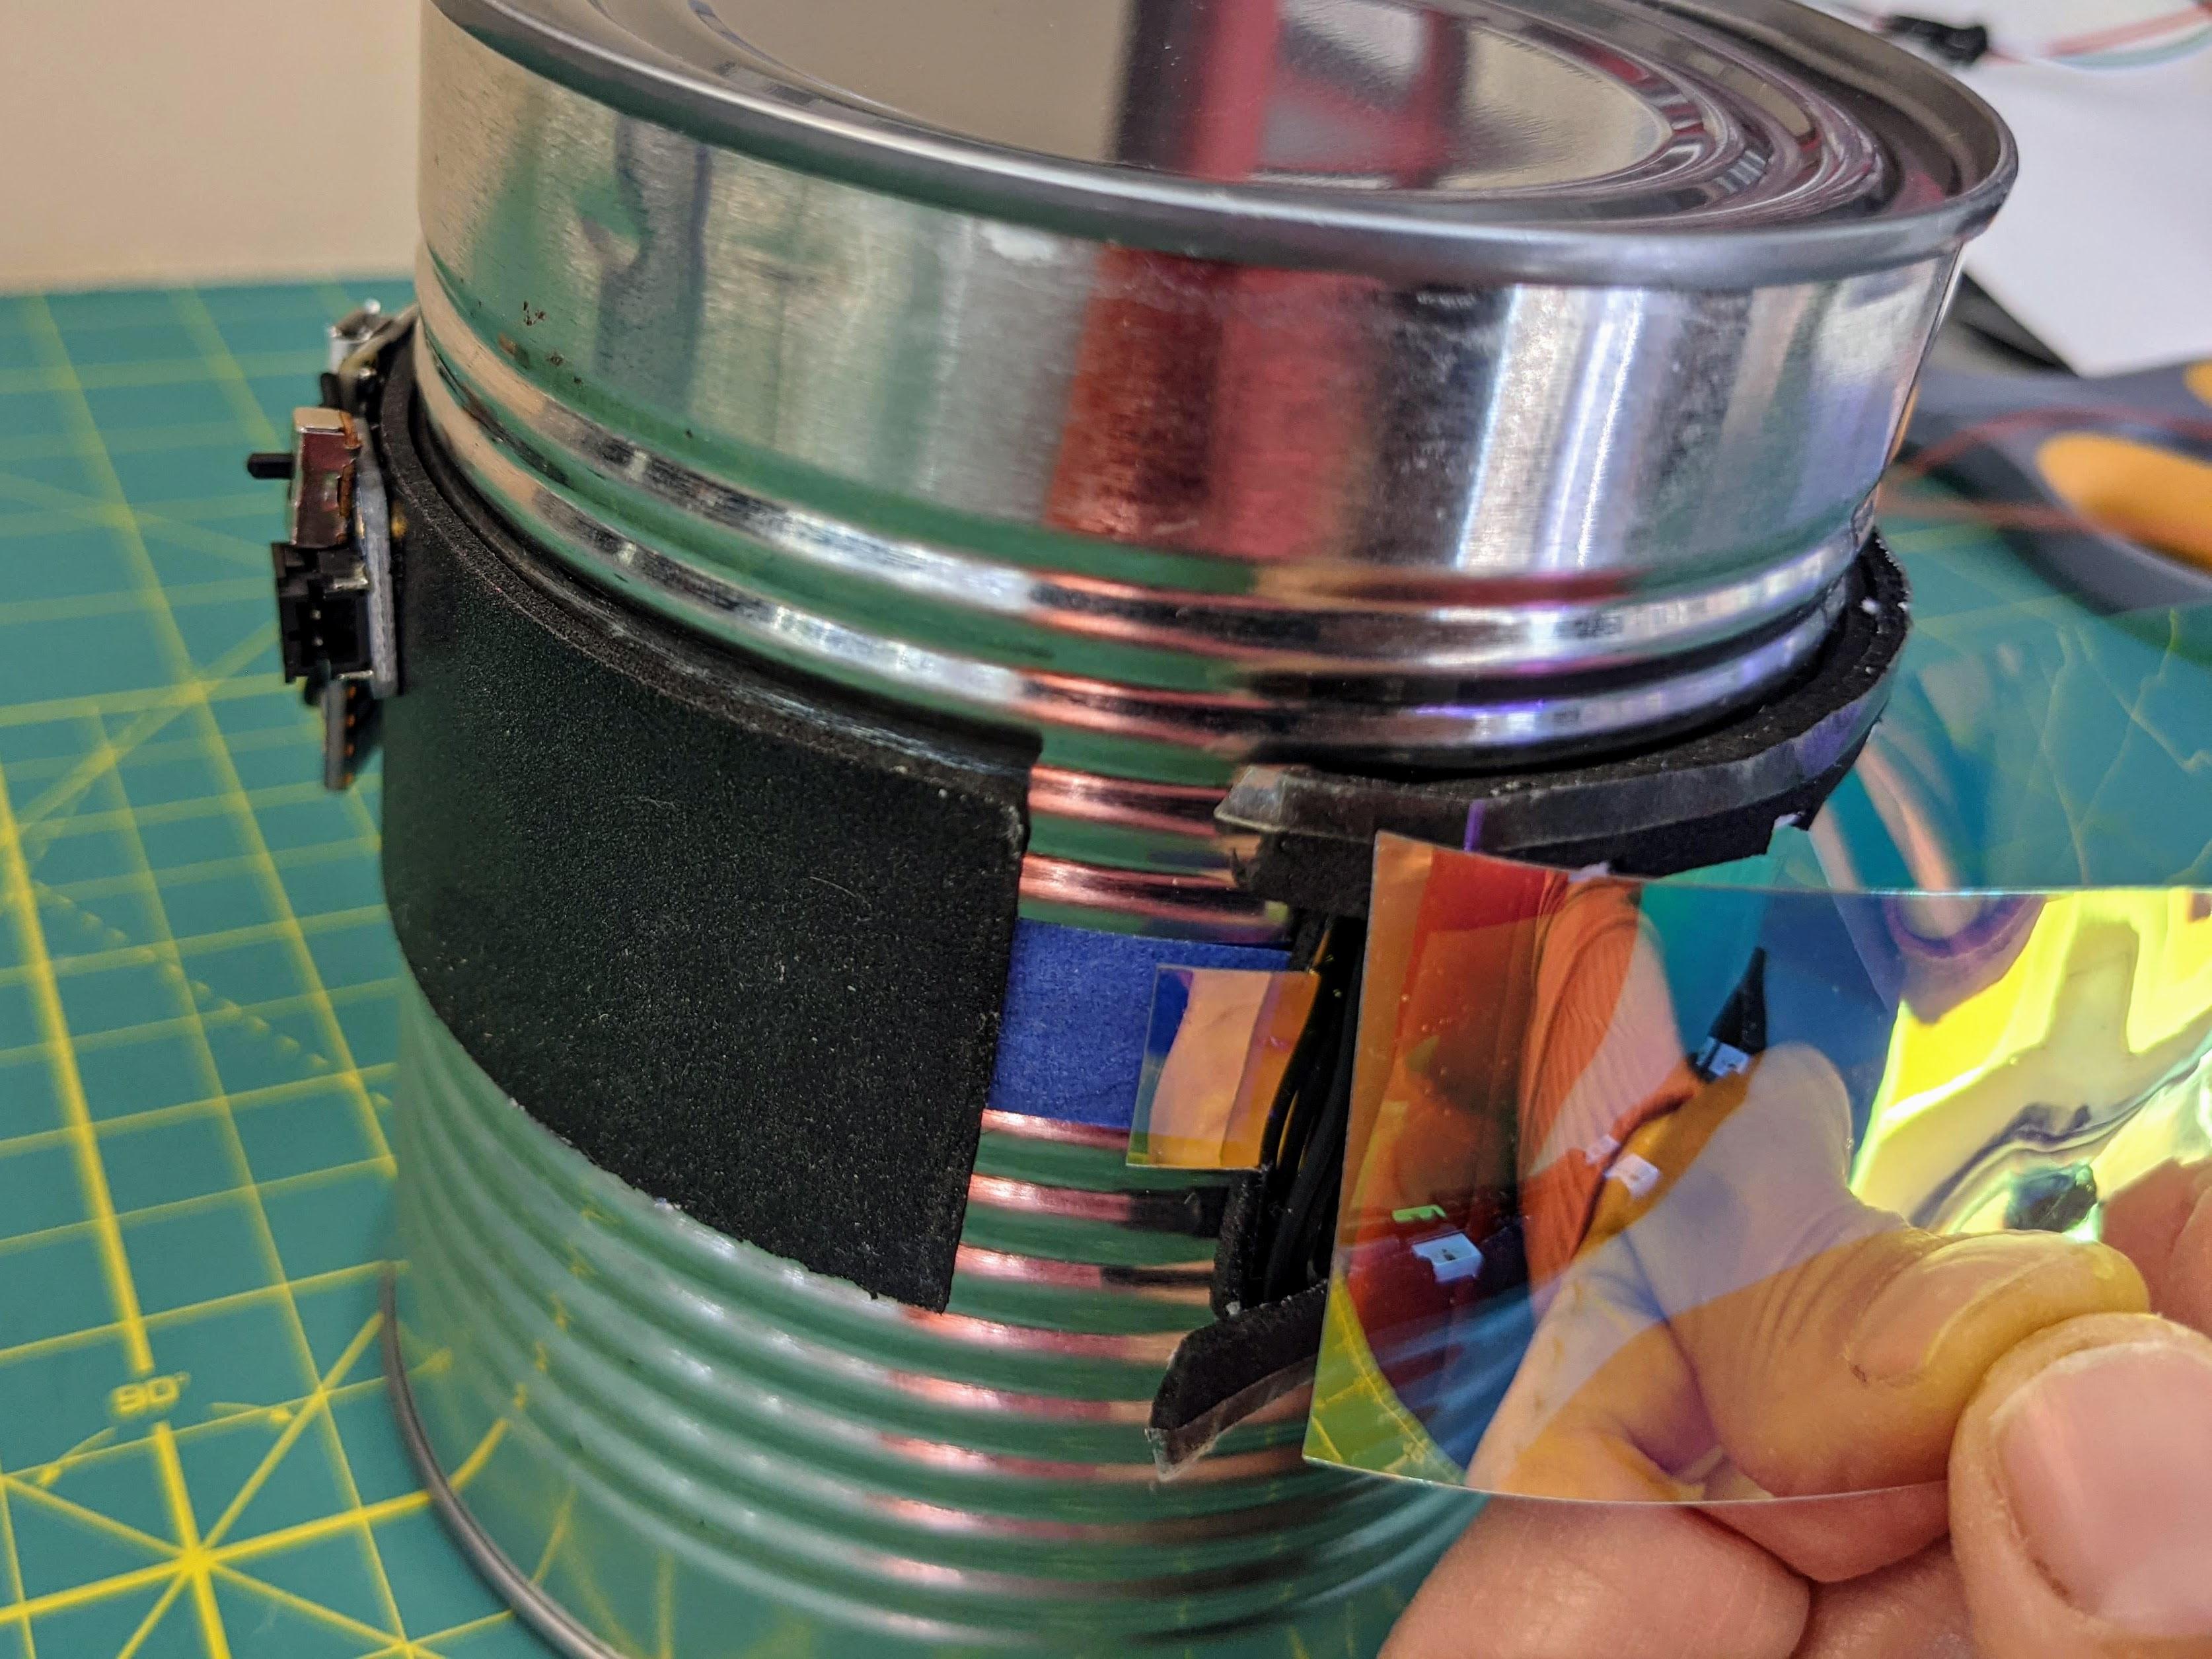 led_strips_PXL_20210125_194648289.jpg